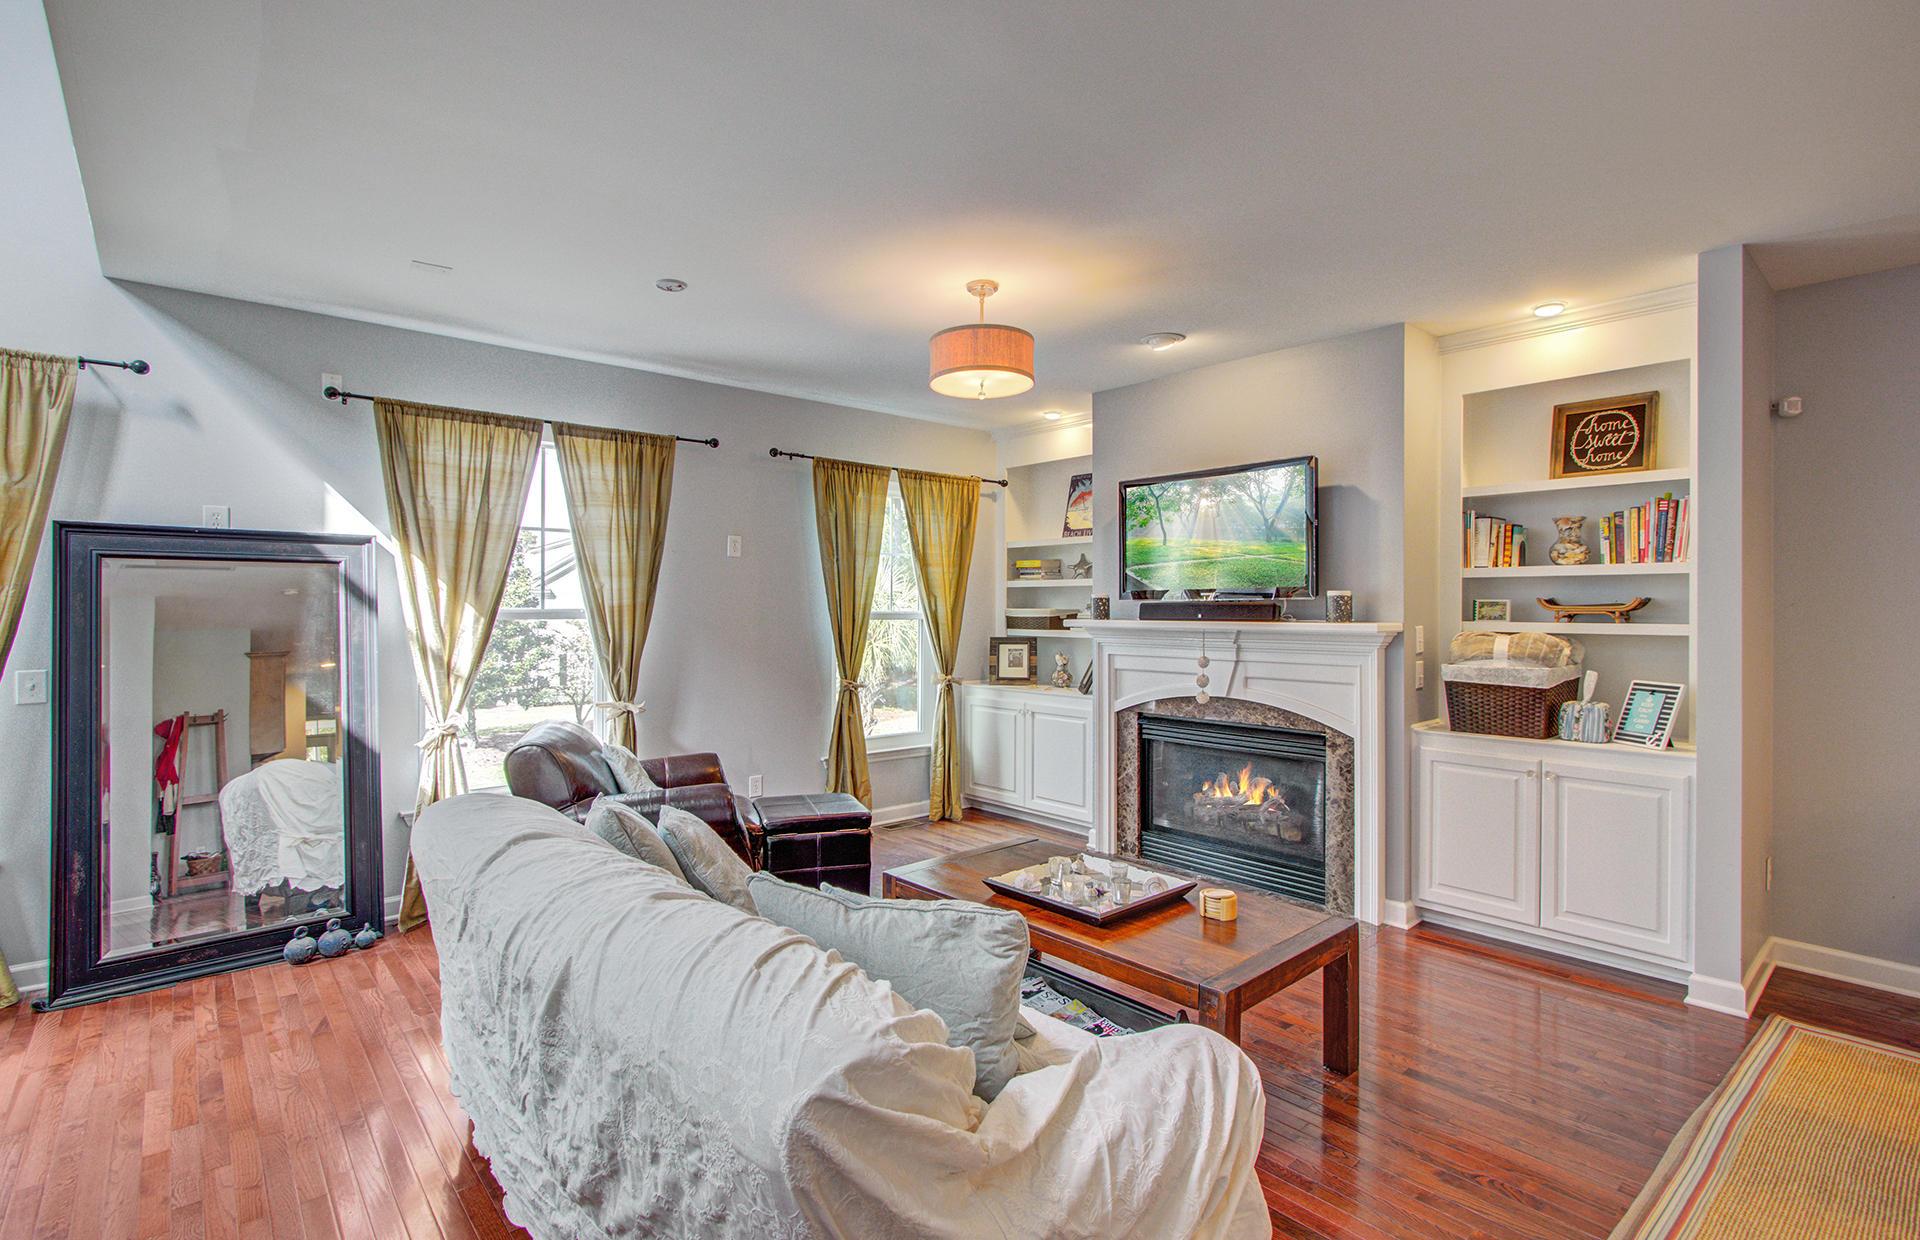 Dunes West Homes For Sale - 100 Fair Sailing, Mount Pleasant, SC - 6